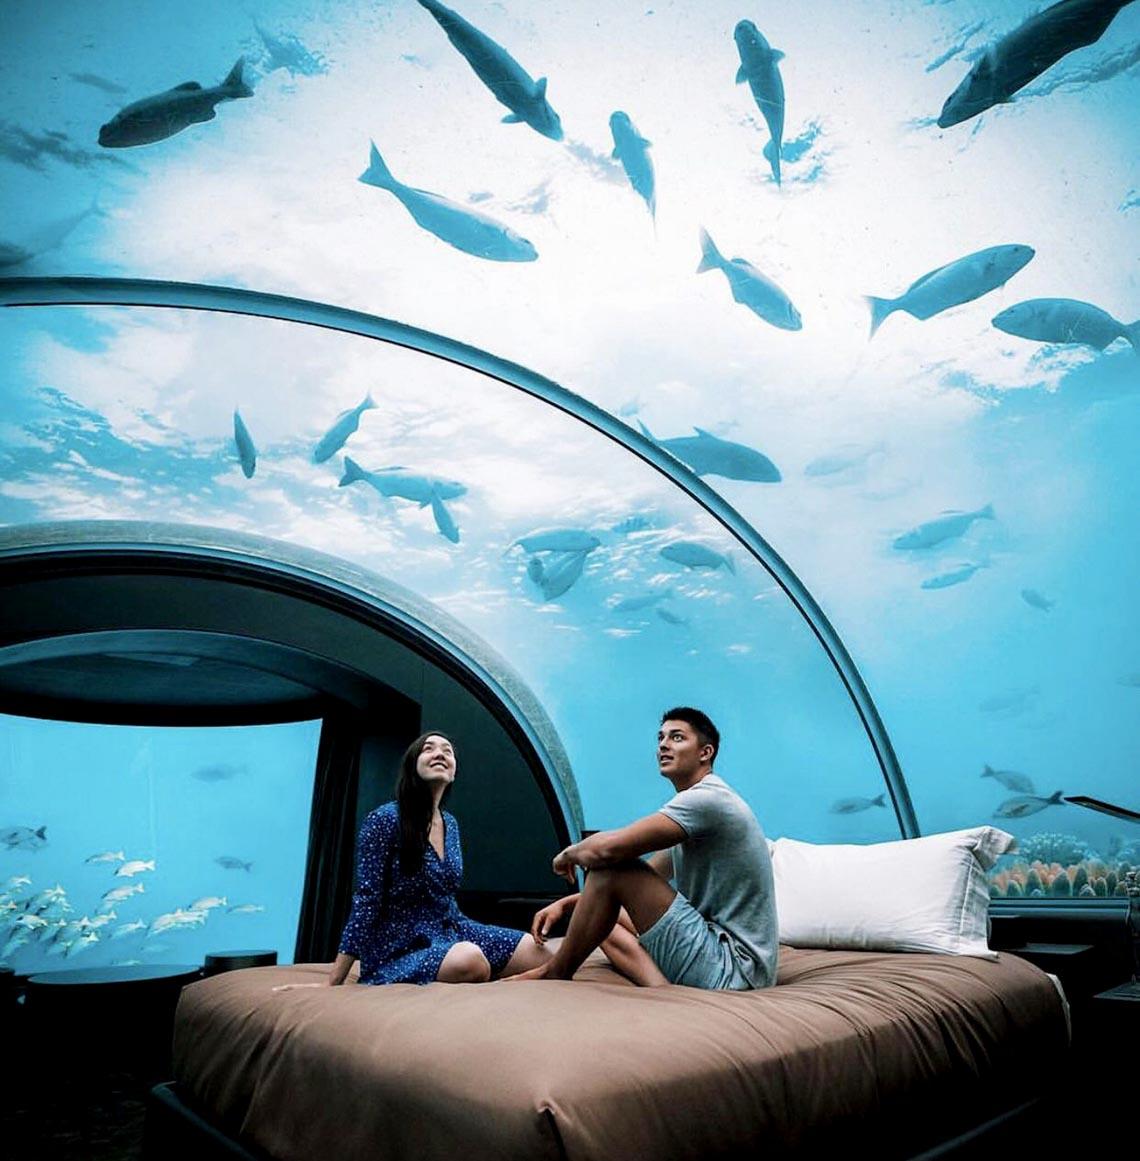 Ngồi trong phòng ngắm cảnh dưới biển -15